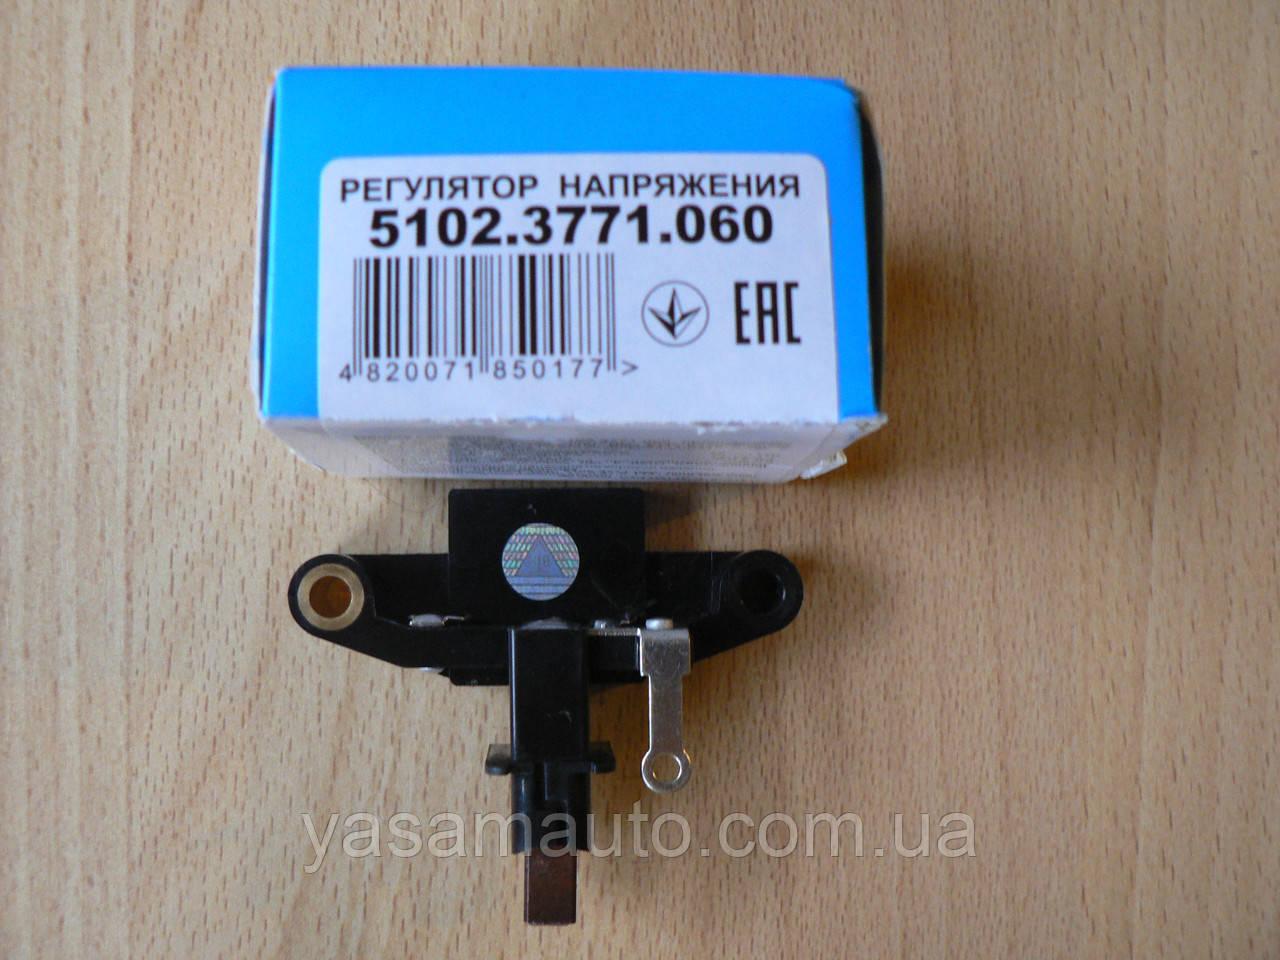 Регулятор напряжения 5102.3771.060 ВТН ВАЗ 2108 2109 2110 i инжектор 2111 - 2115 с генератором 5102.3771 Прамо